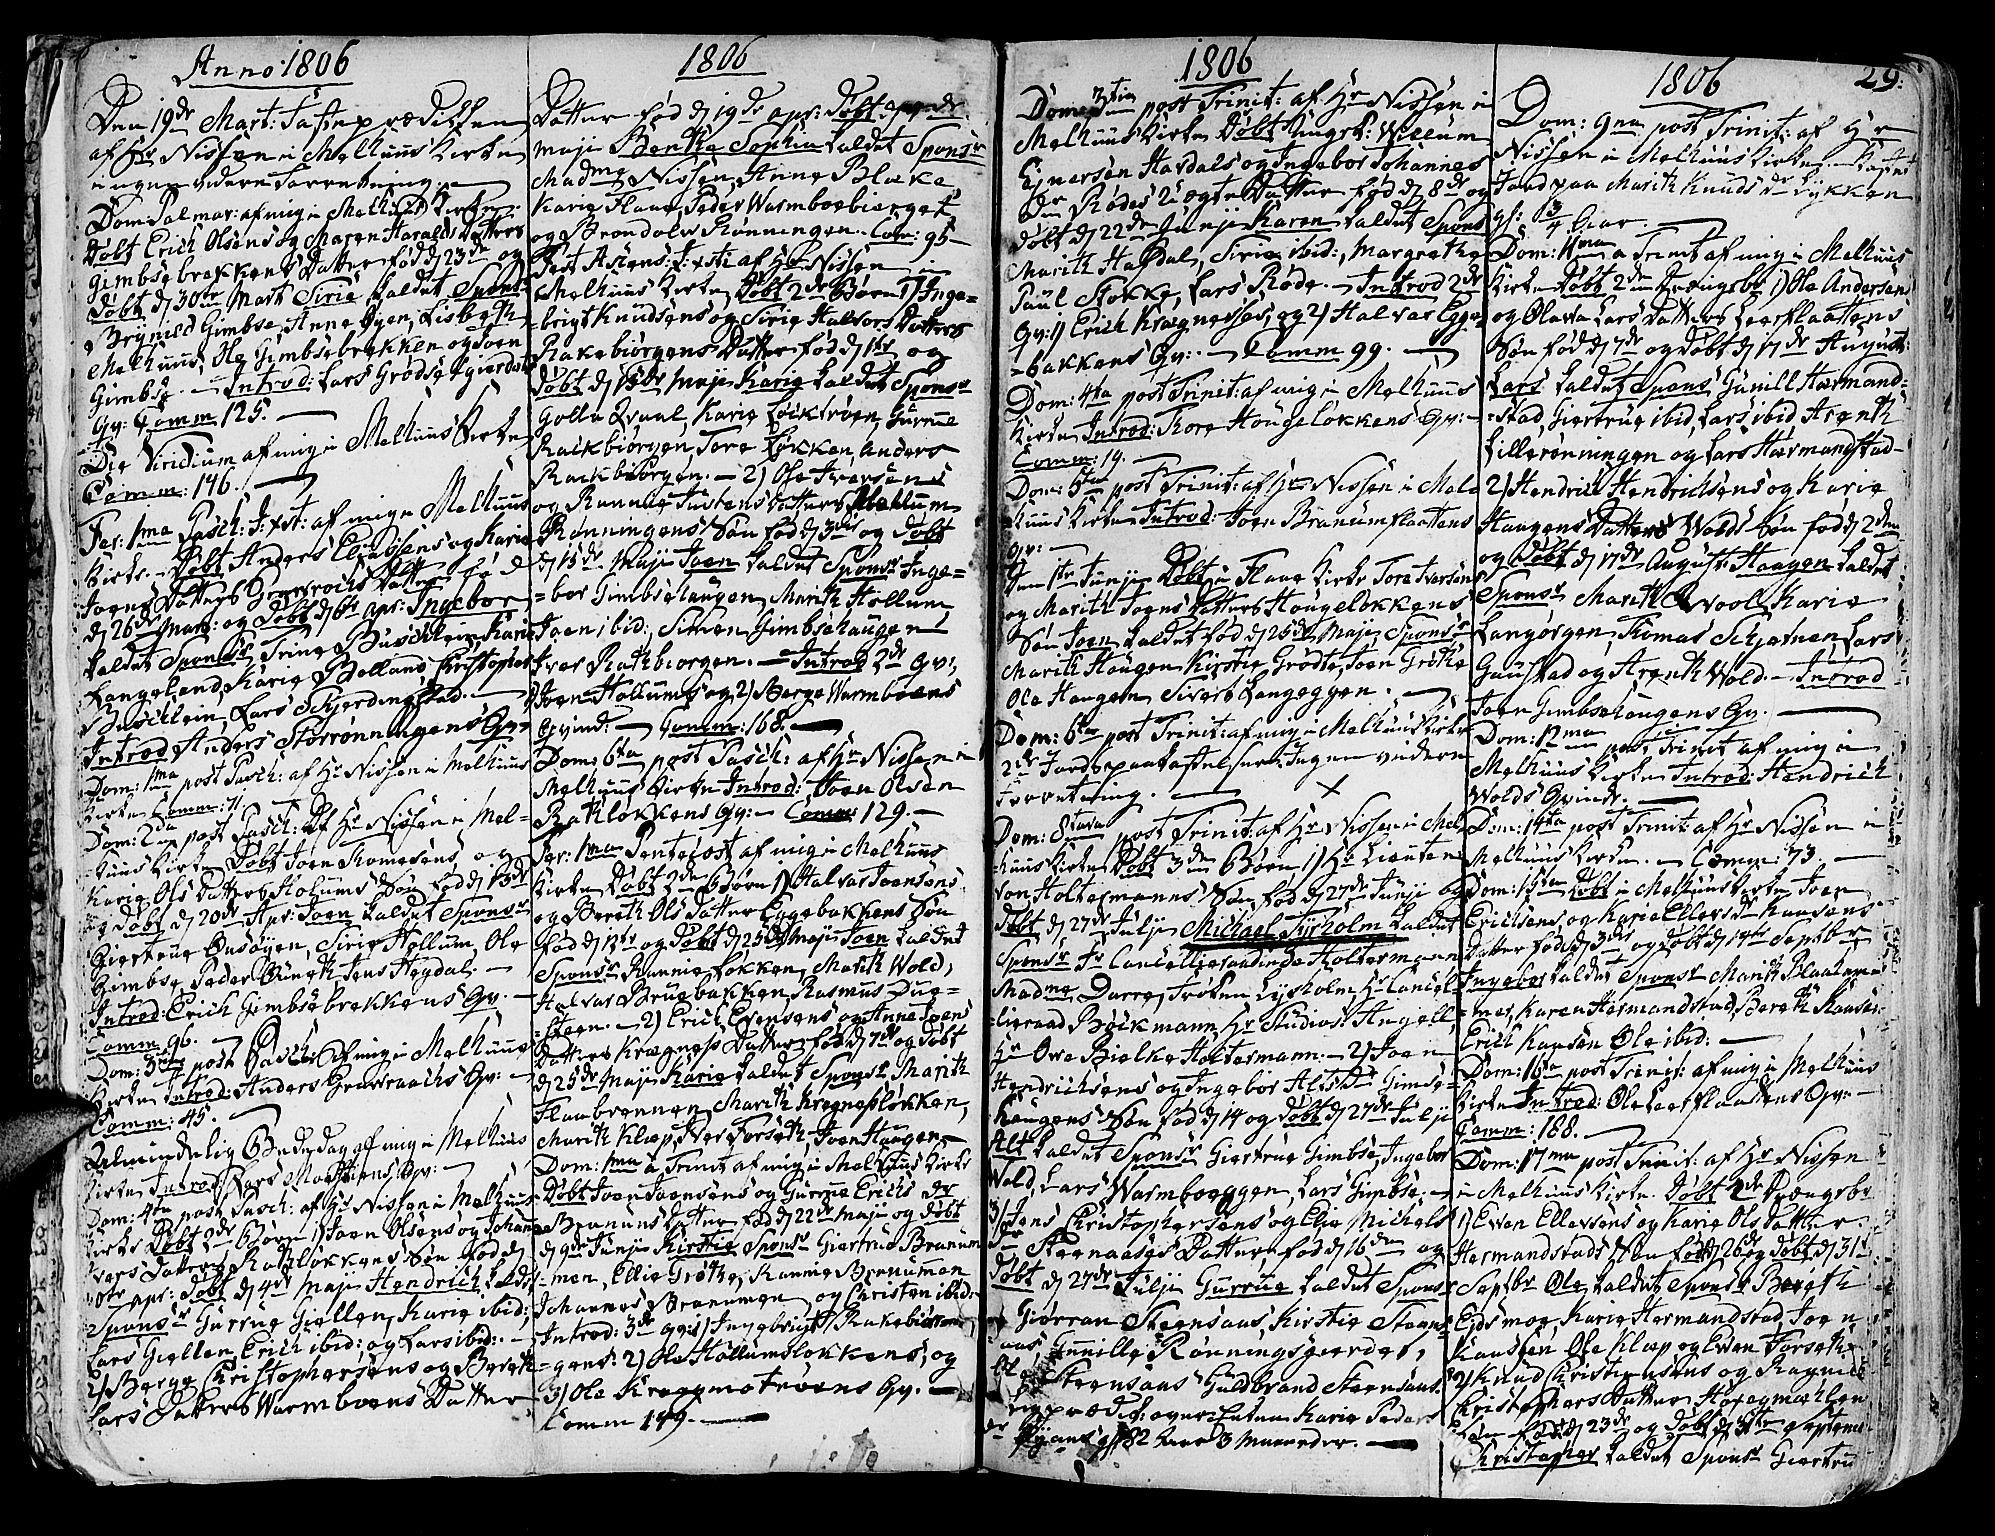 SAT, Ministerialprotokoller, klokkerbøker og fødselsregistre - Sør-Trøndelag, 691/L1061: Ministerialbok nr. 691A02 /1, 1768-1815, s. 29